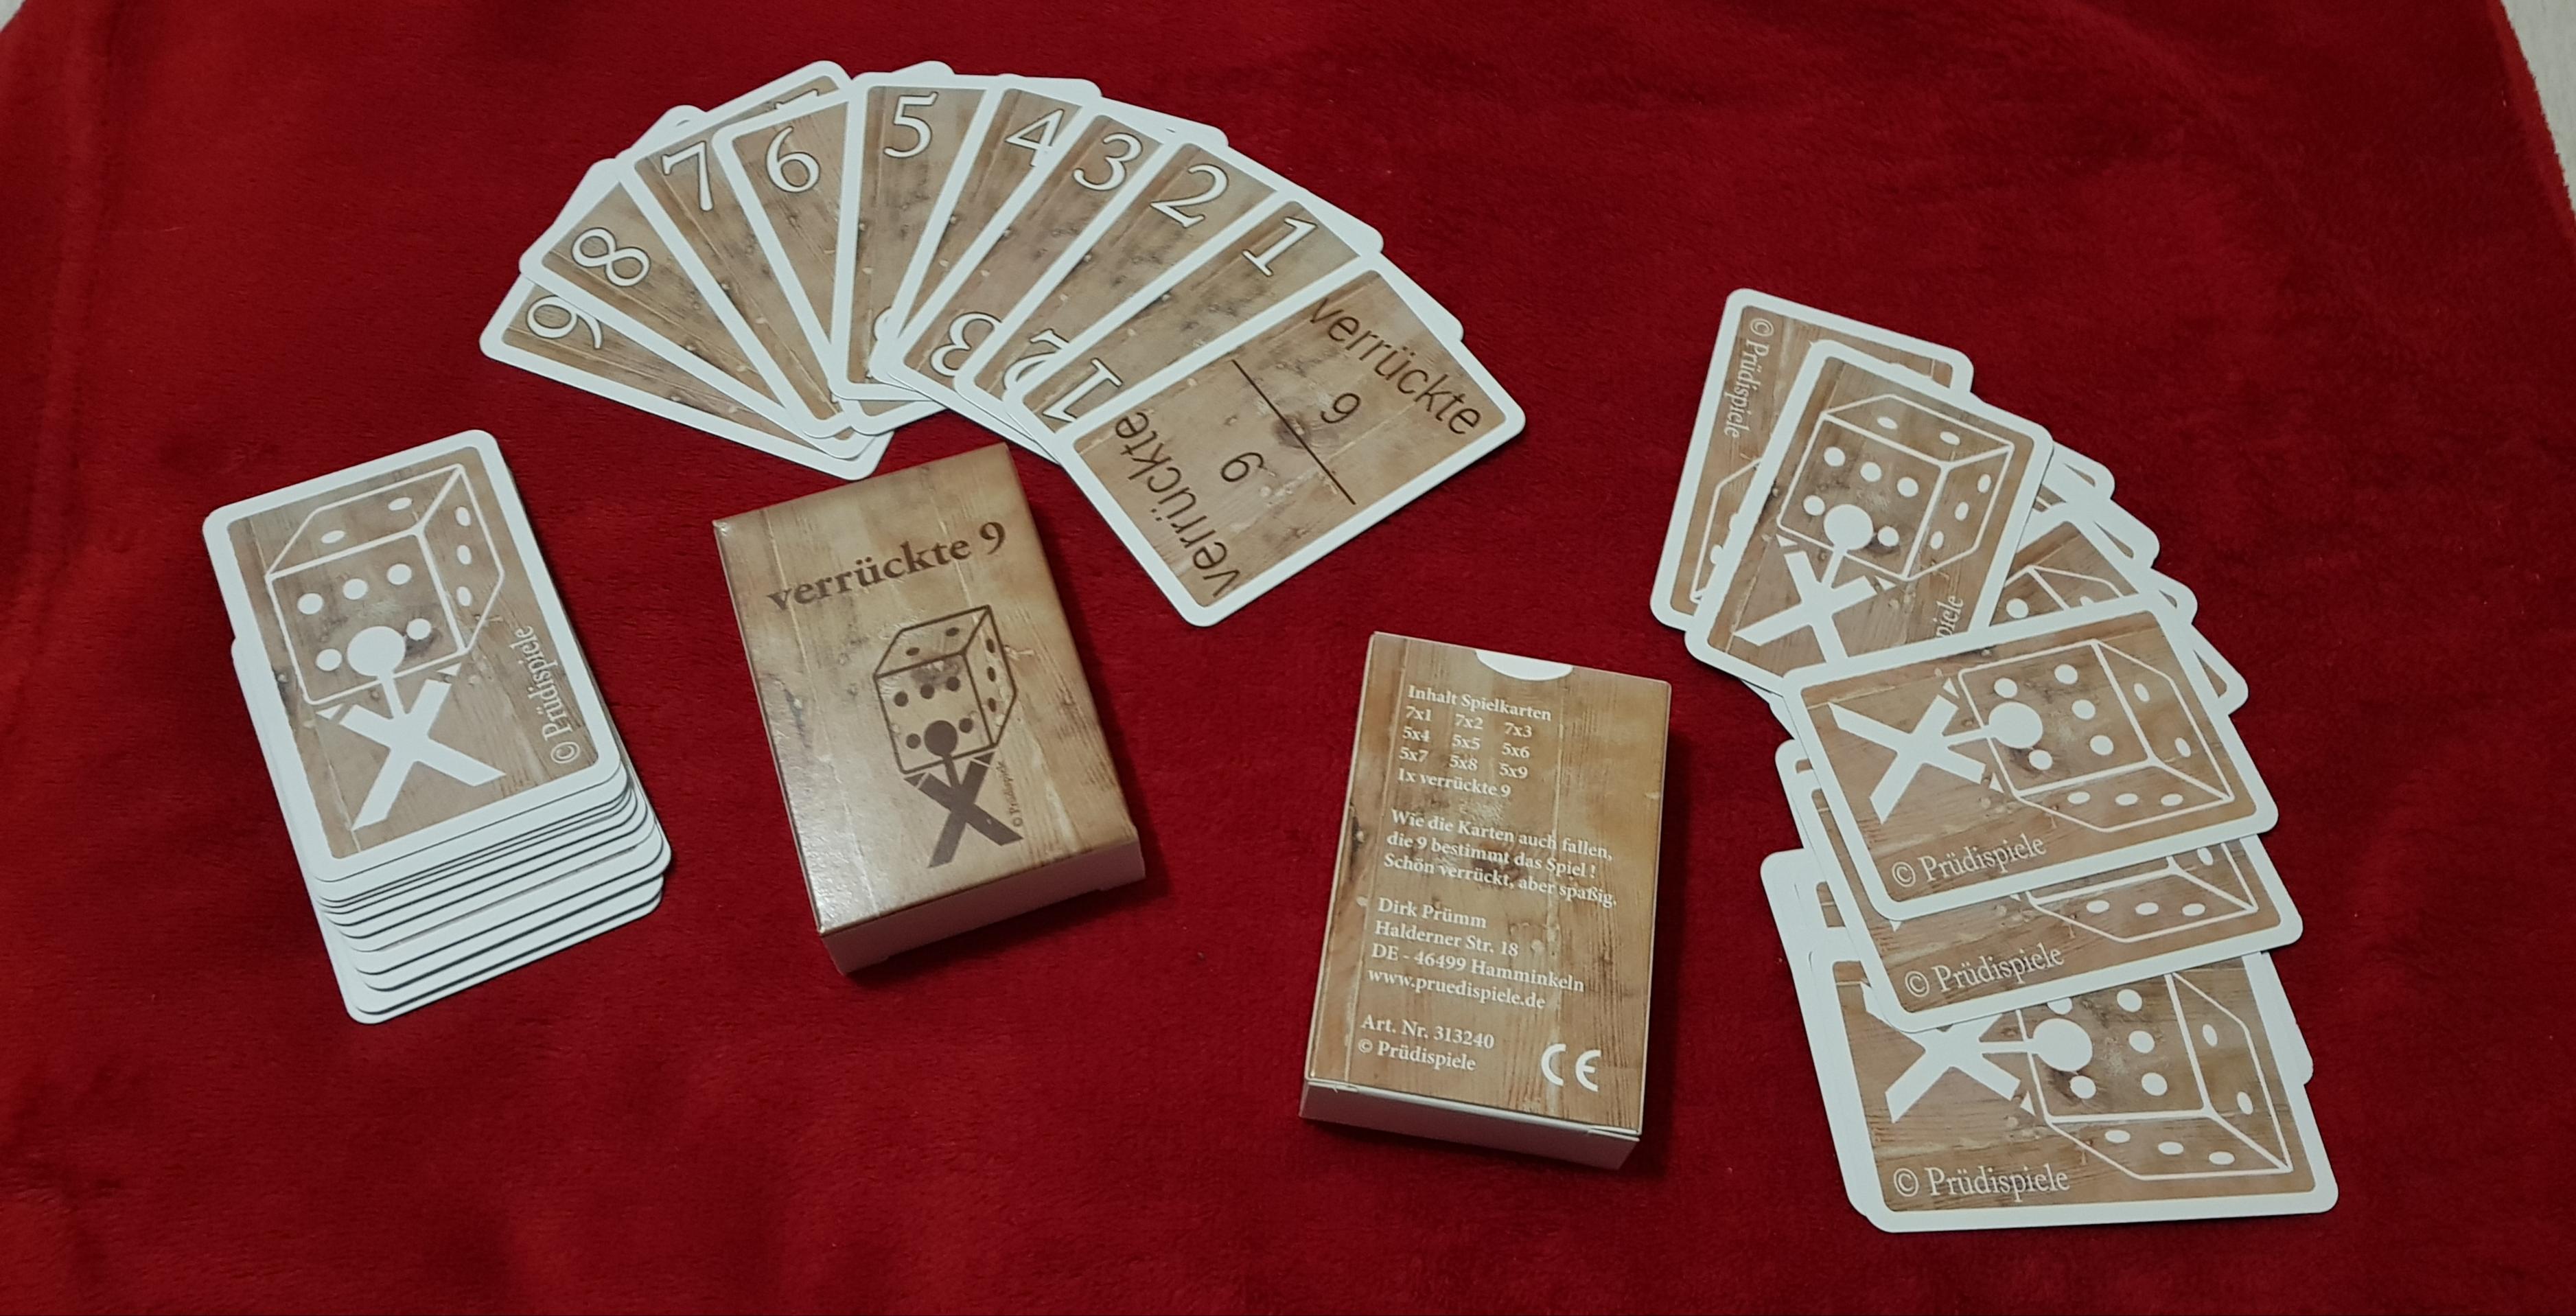 """Kartenspiel """"verrückte 9"""""""